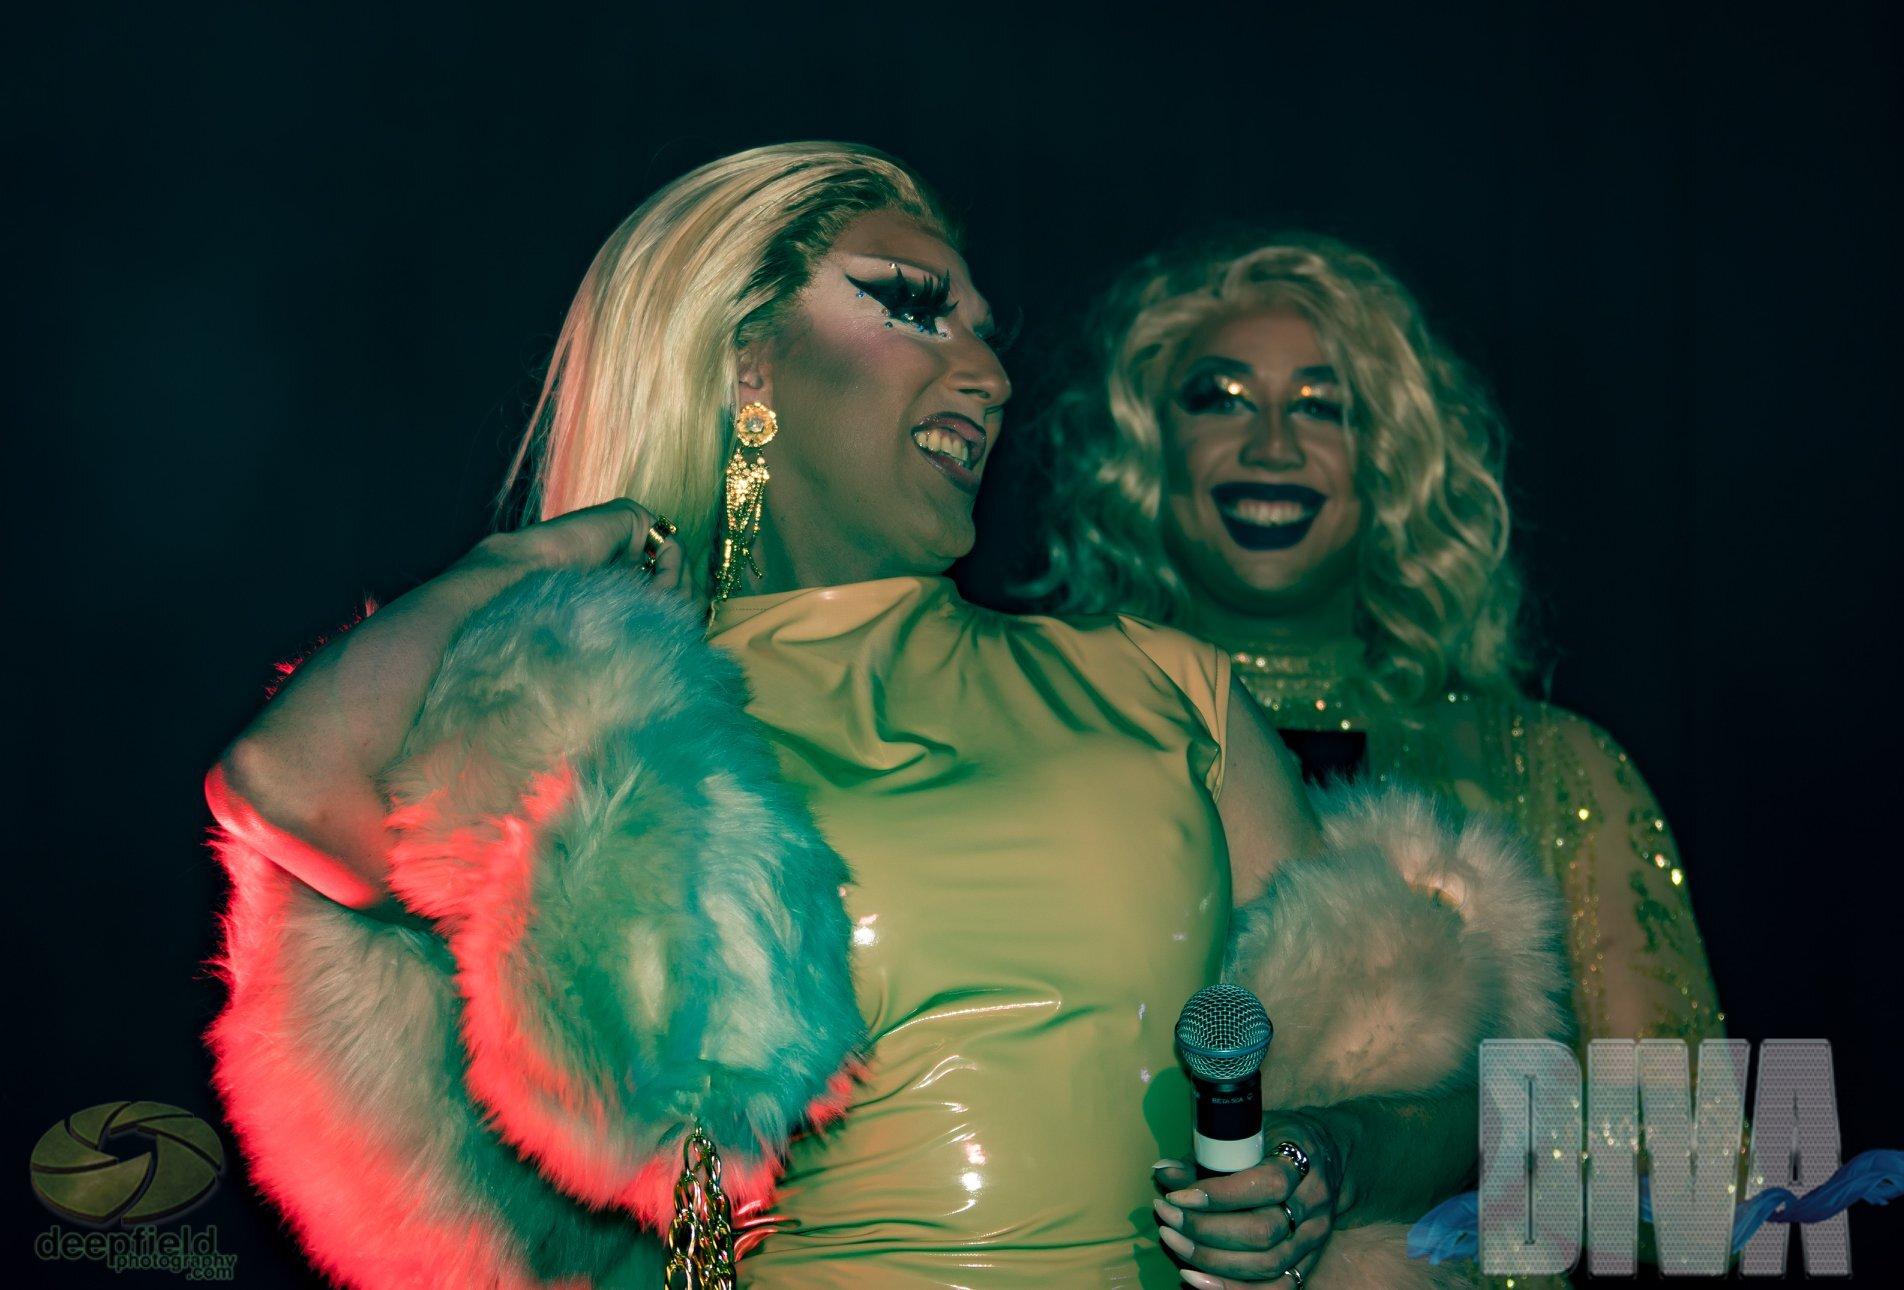 decoda-secret-moment-winner-win-diva-awards-sydney-drag-queen-royalty-best-hire-drag-race-australia.jpg